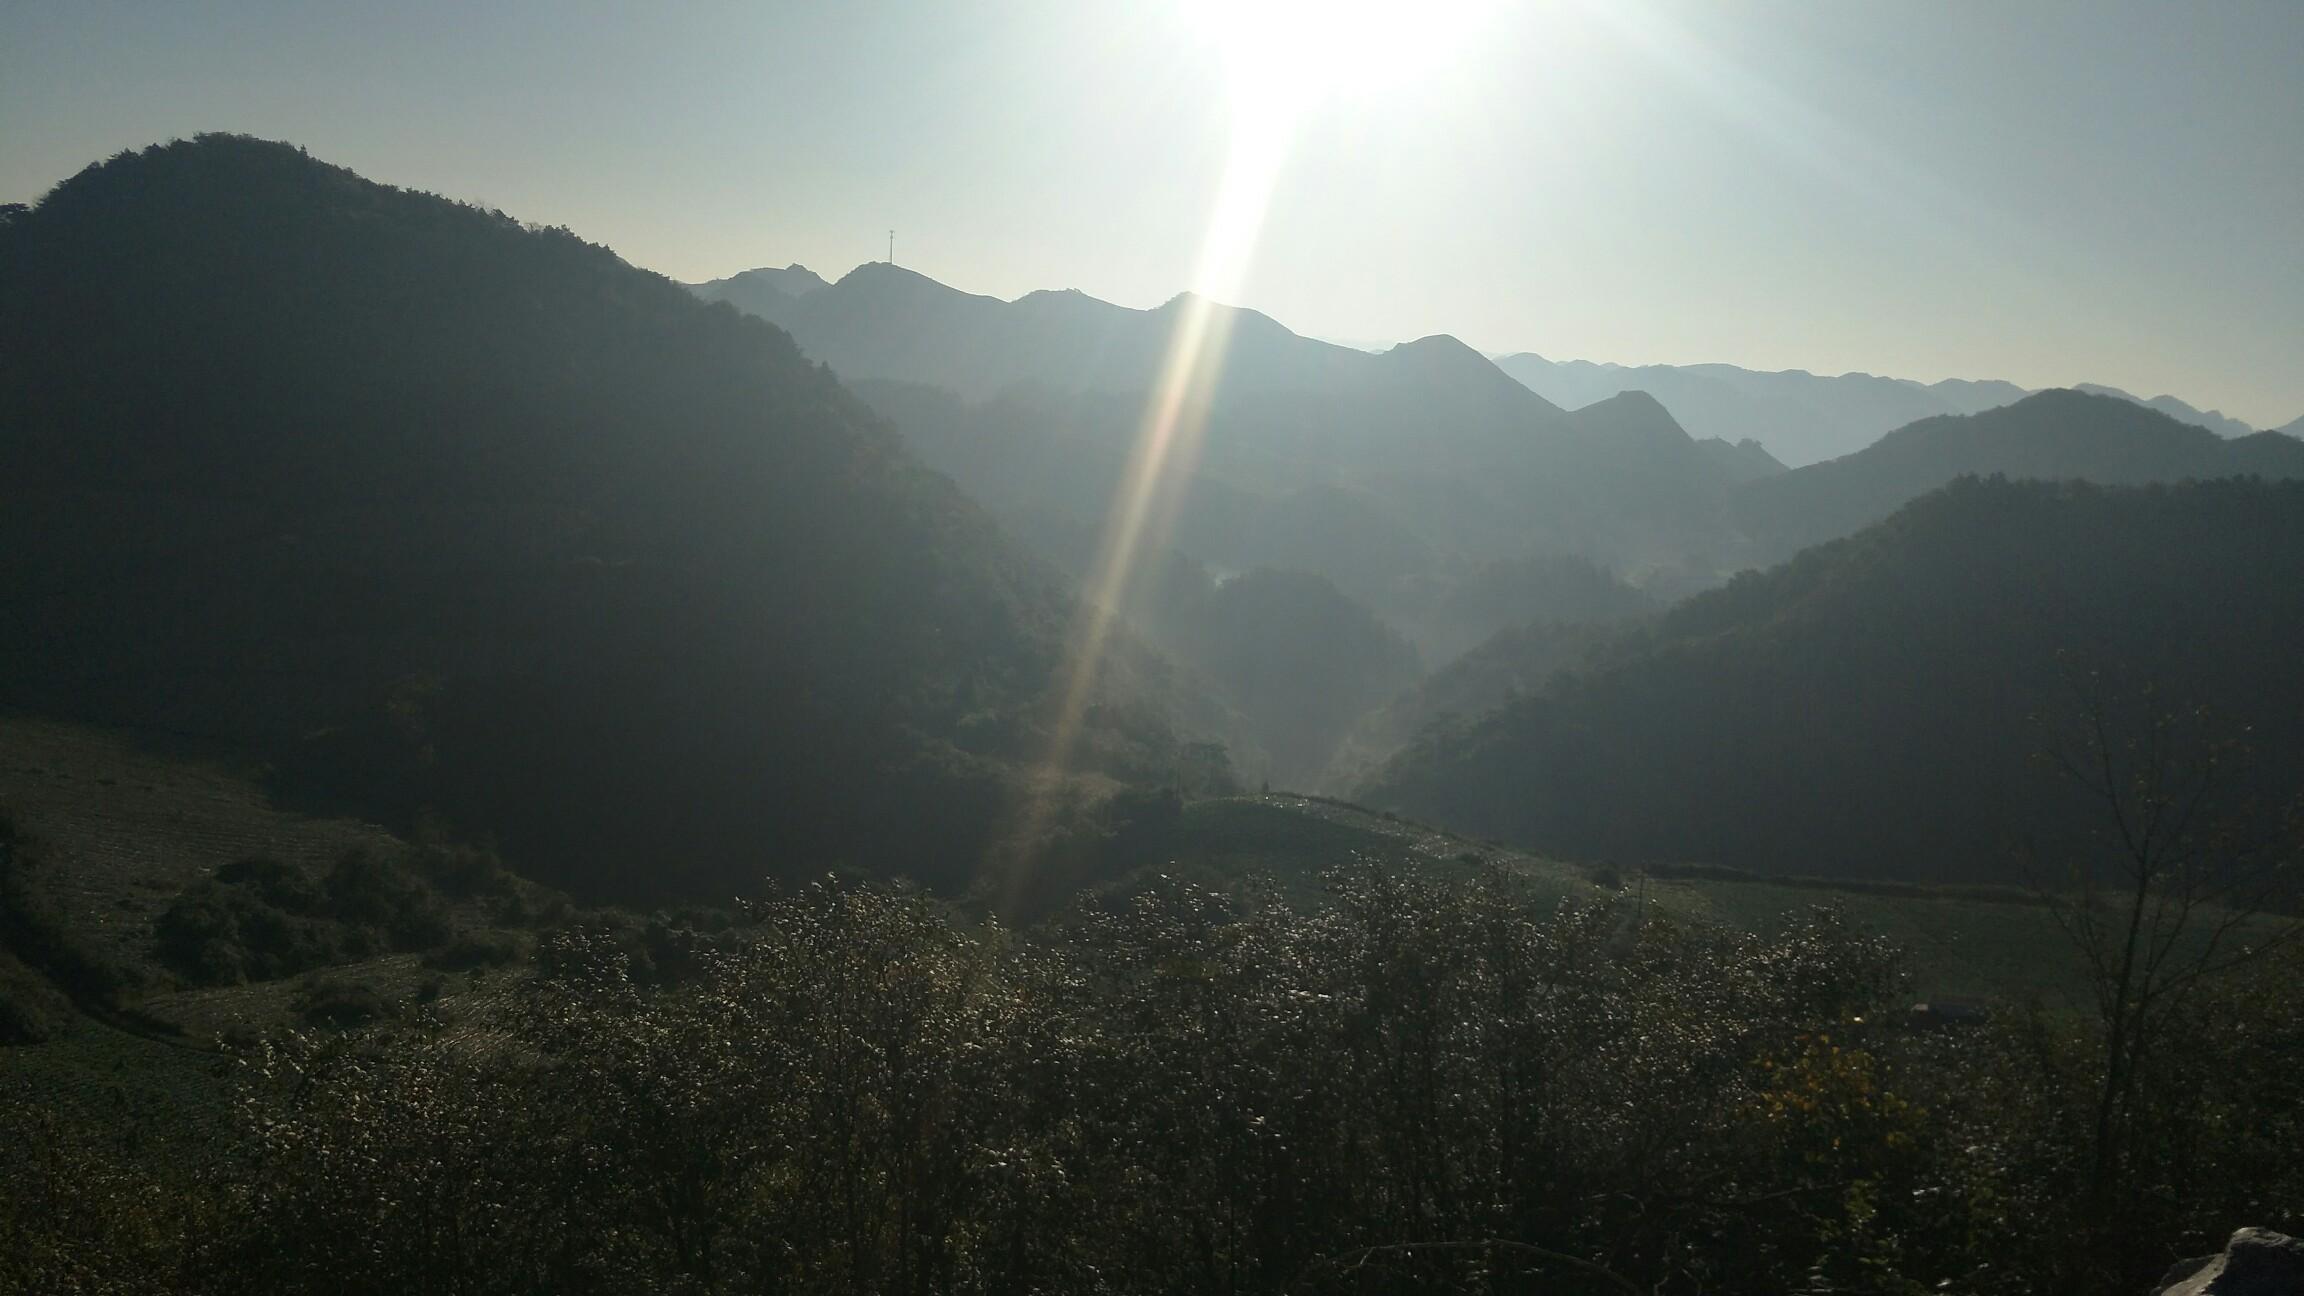 利川平山风景区